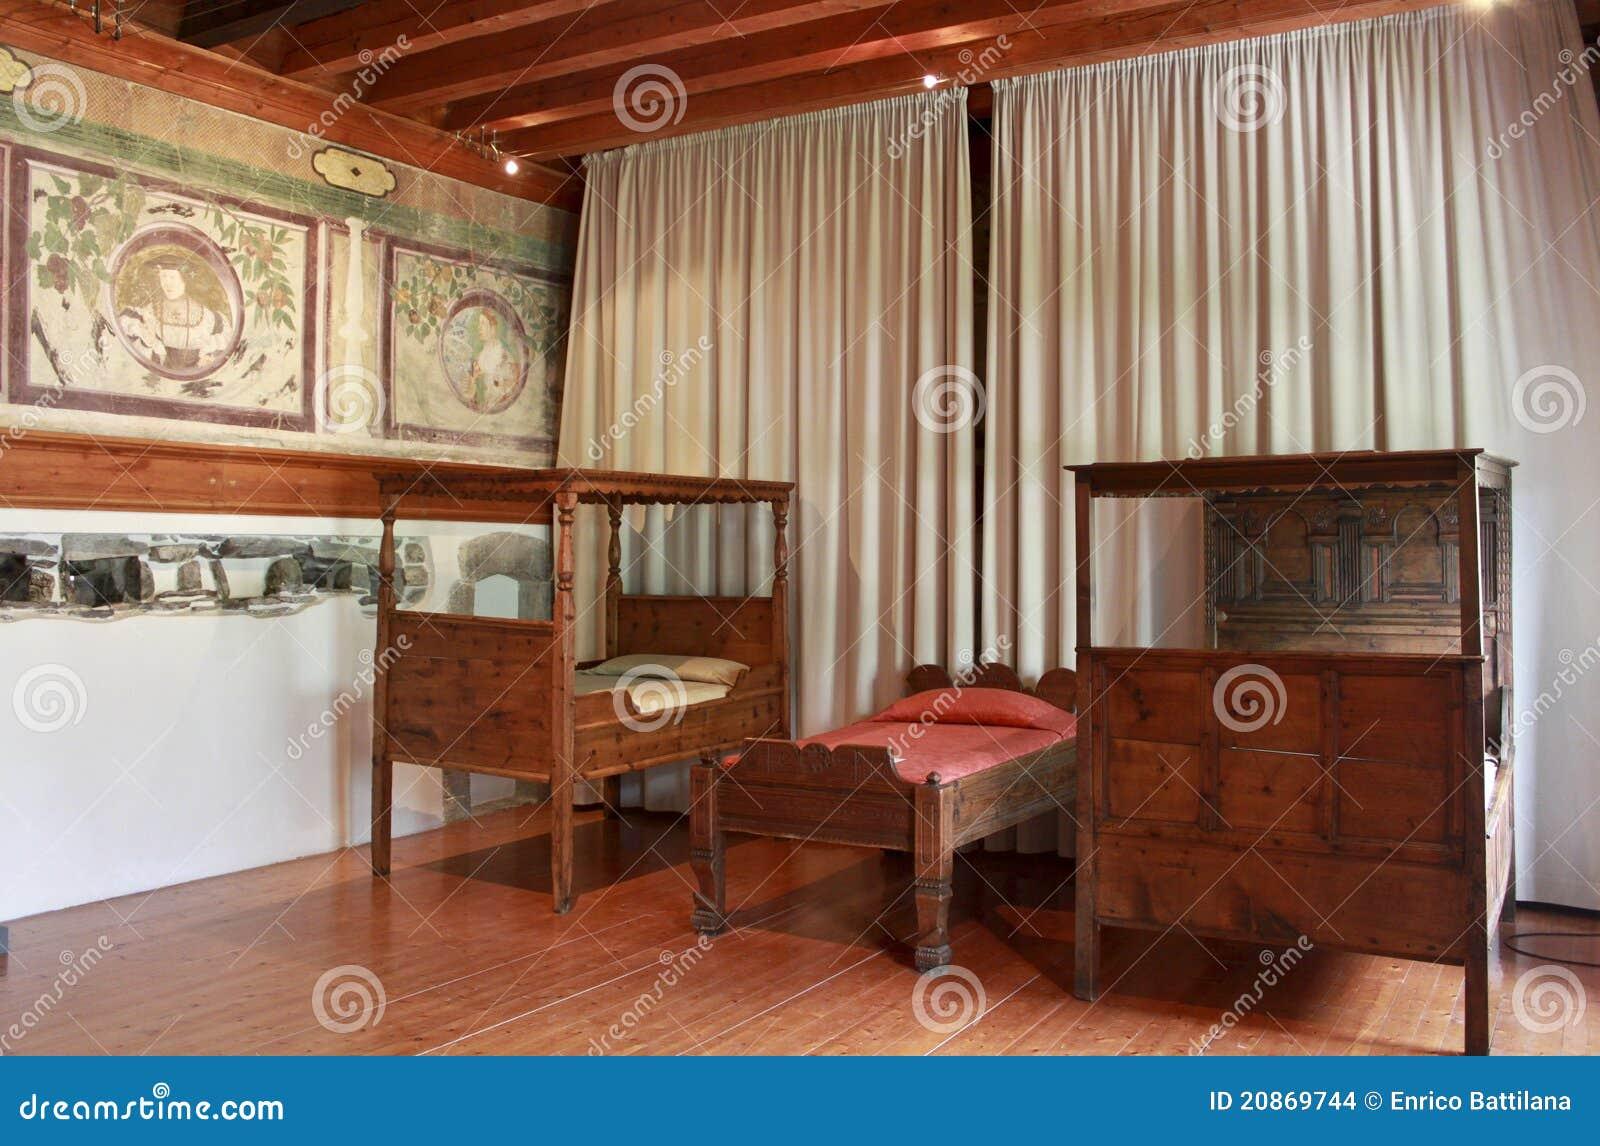 Muebles antiguos imagenes de archivo imagen 20869744 - Fotos de muebles antiguos ...